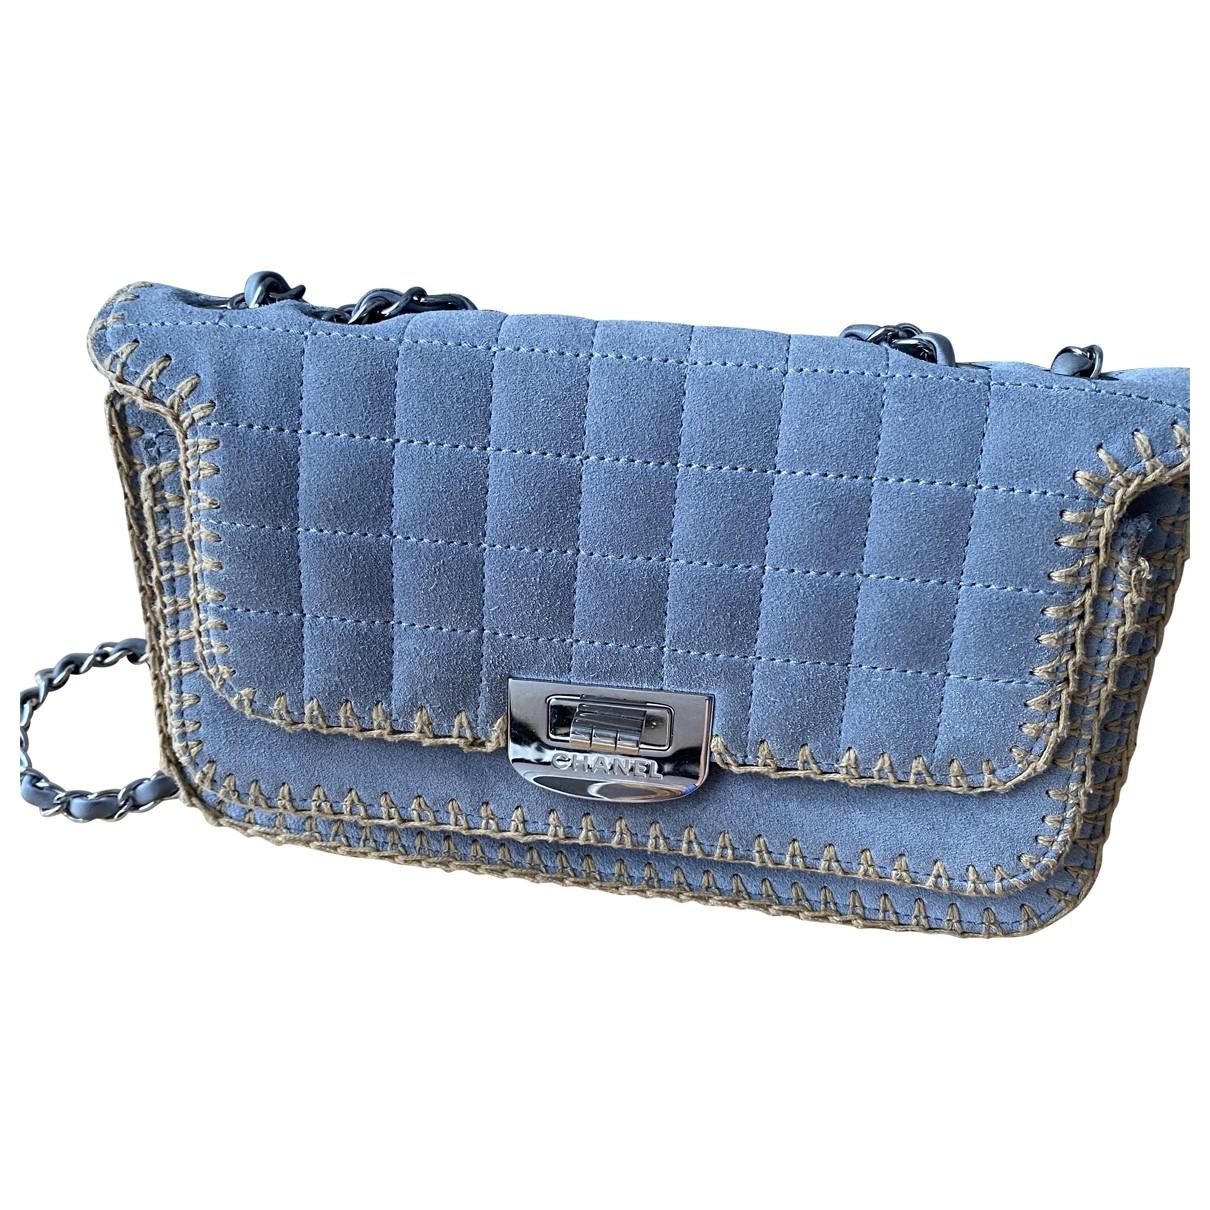 Chanel 2.55 Handtasche in  Blau Veloursleder